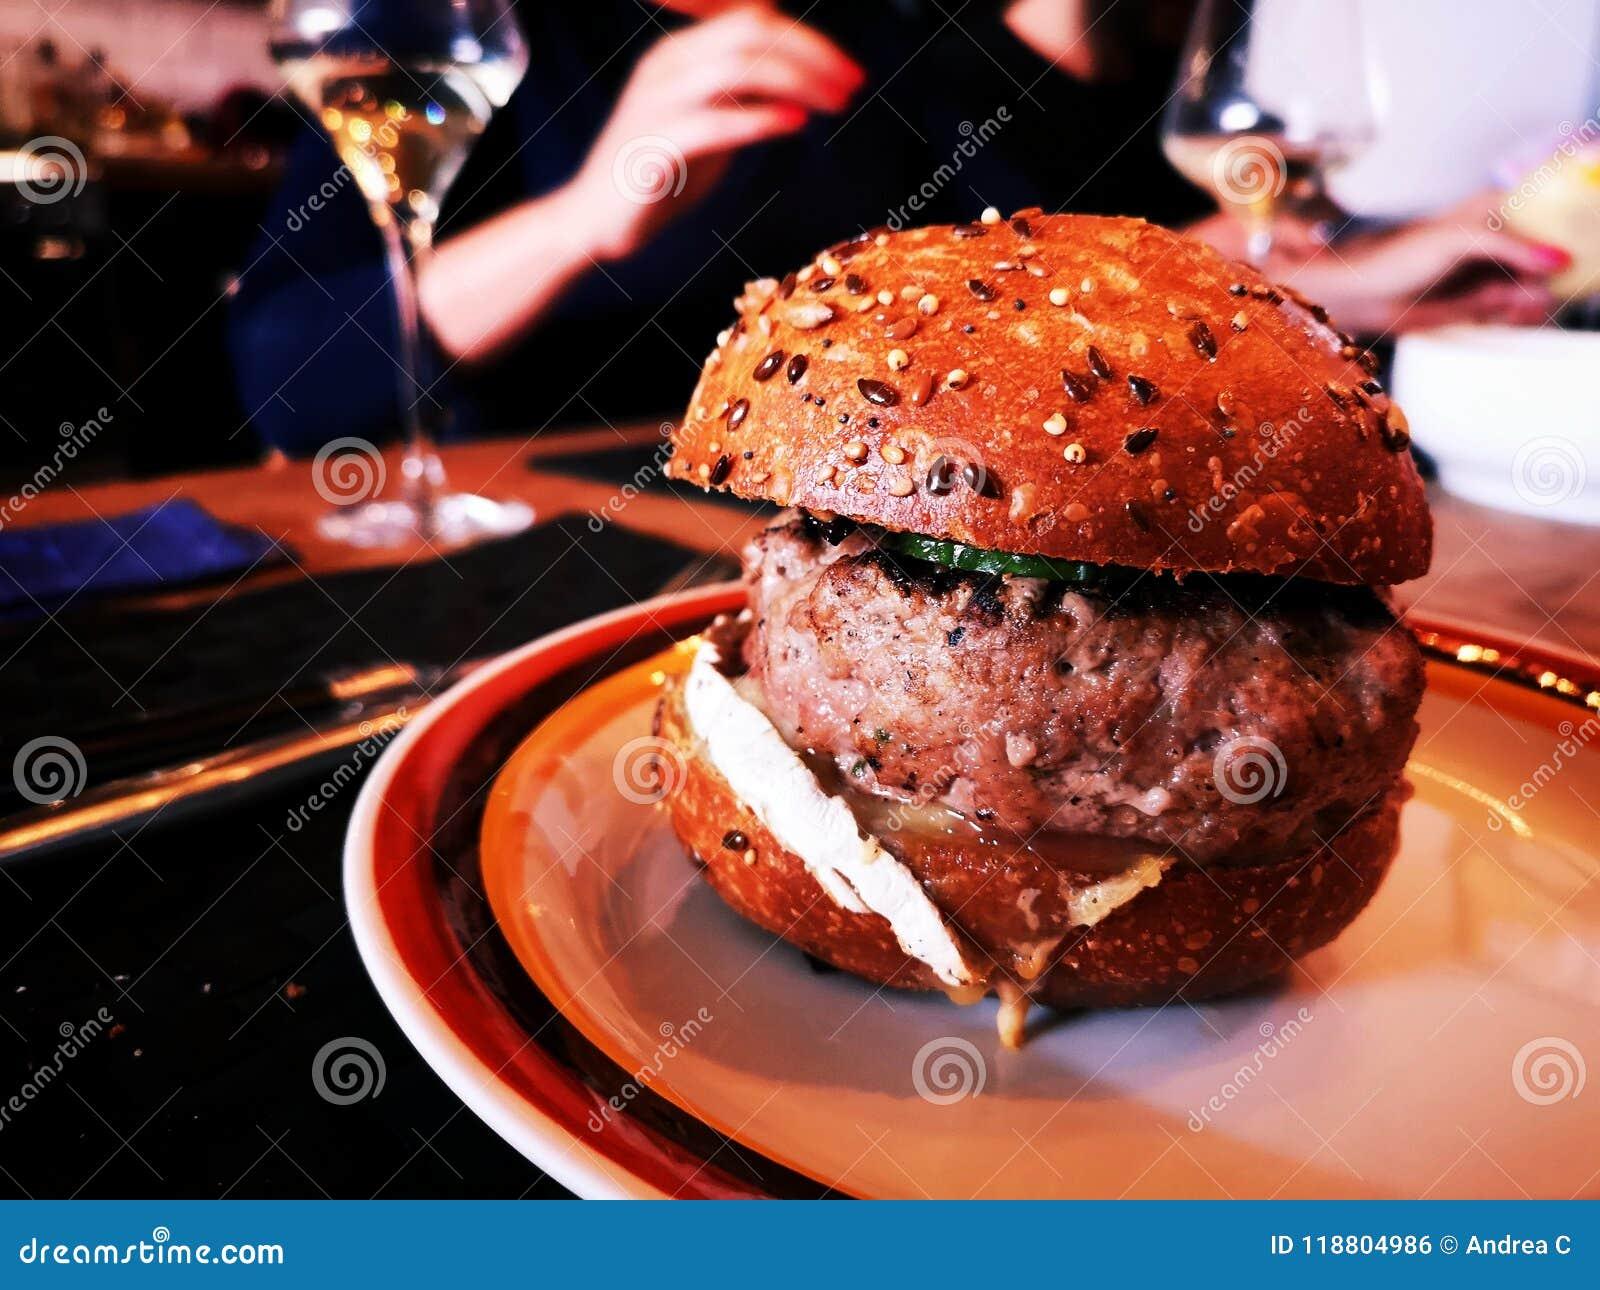 Grote eigengemaakte hamburger op plaat met vrouw op de achtergrond